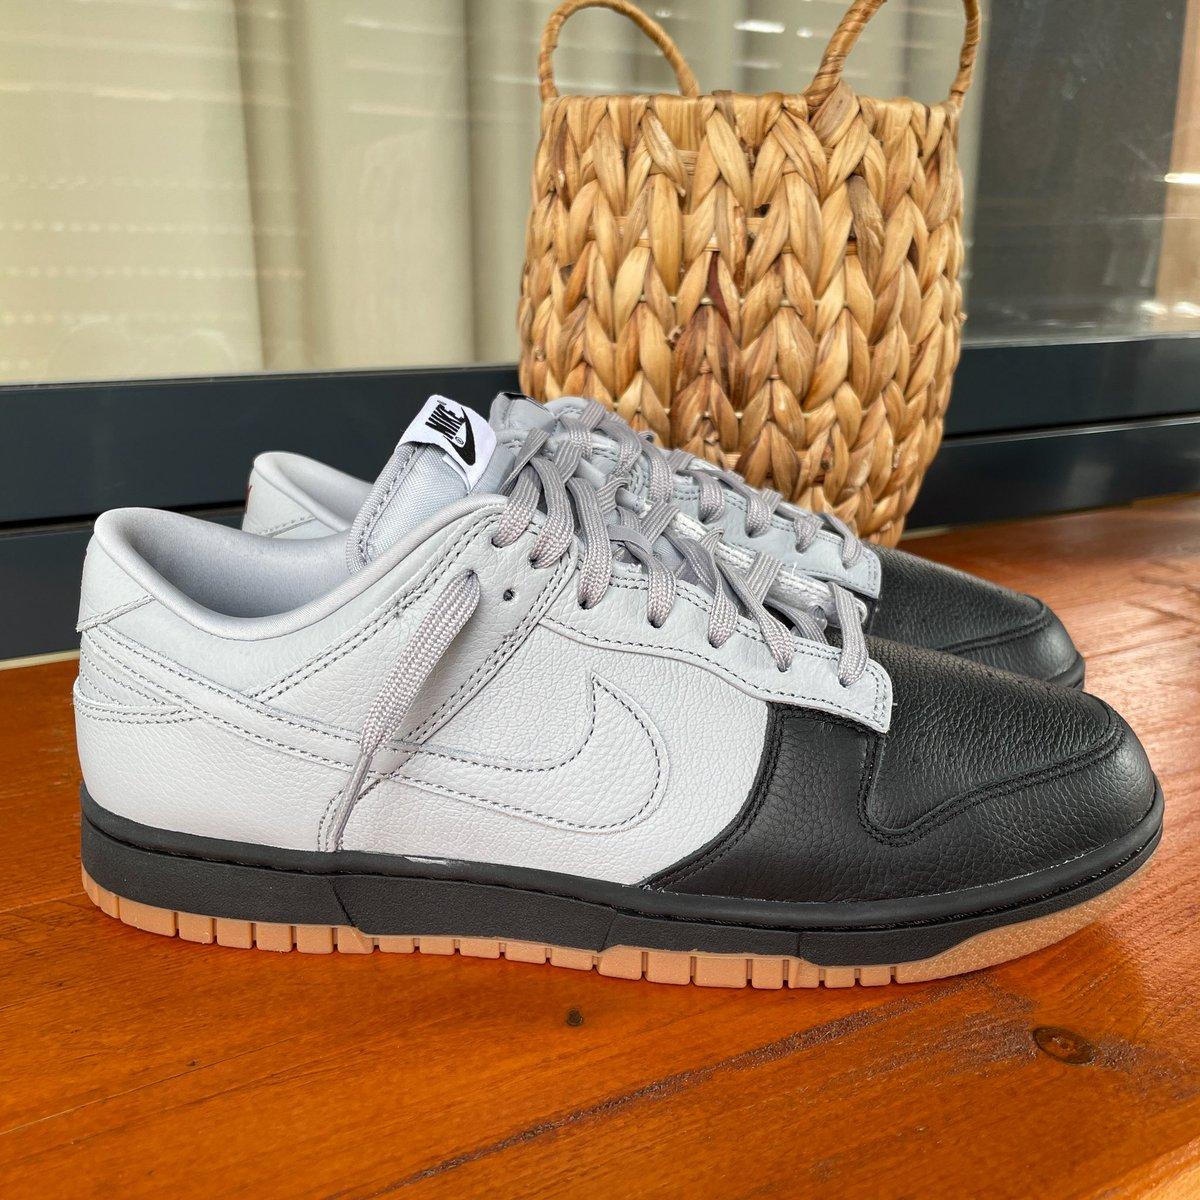 These came out ok 👌   #DunkByYou #NikeByYou #Sneakers #Sneakerhead #NikeDunk